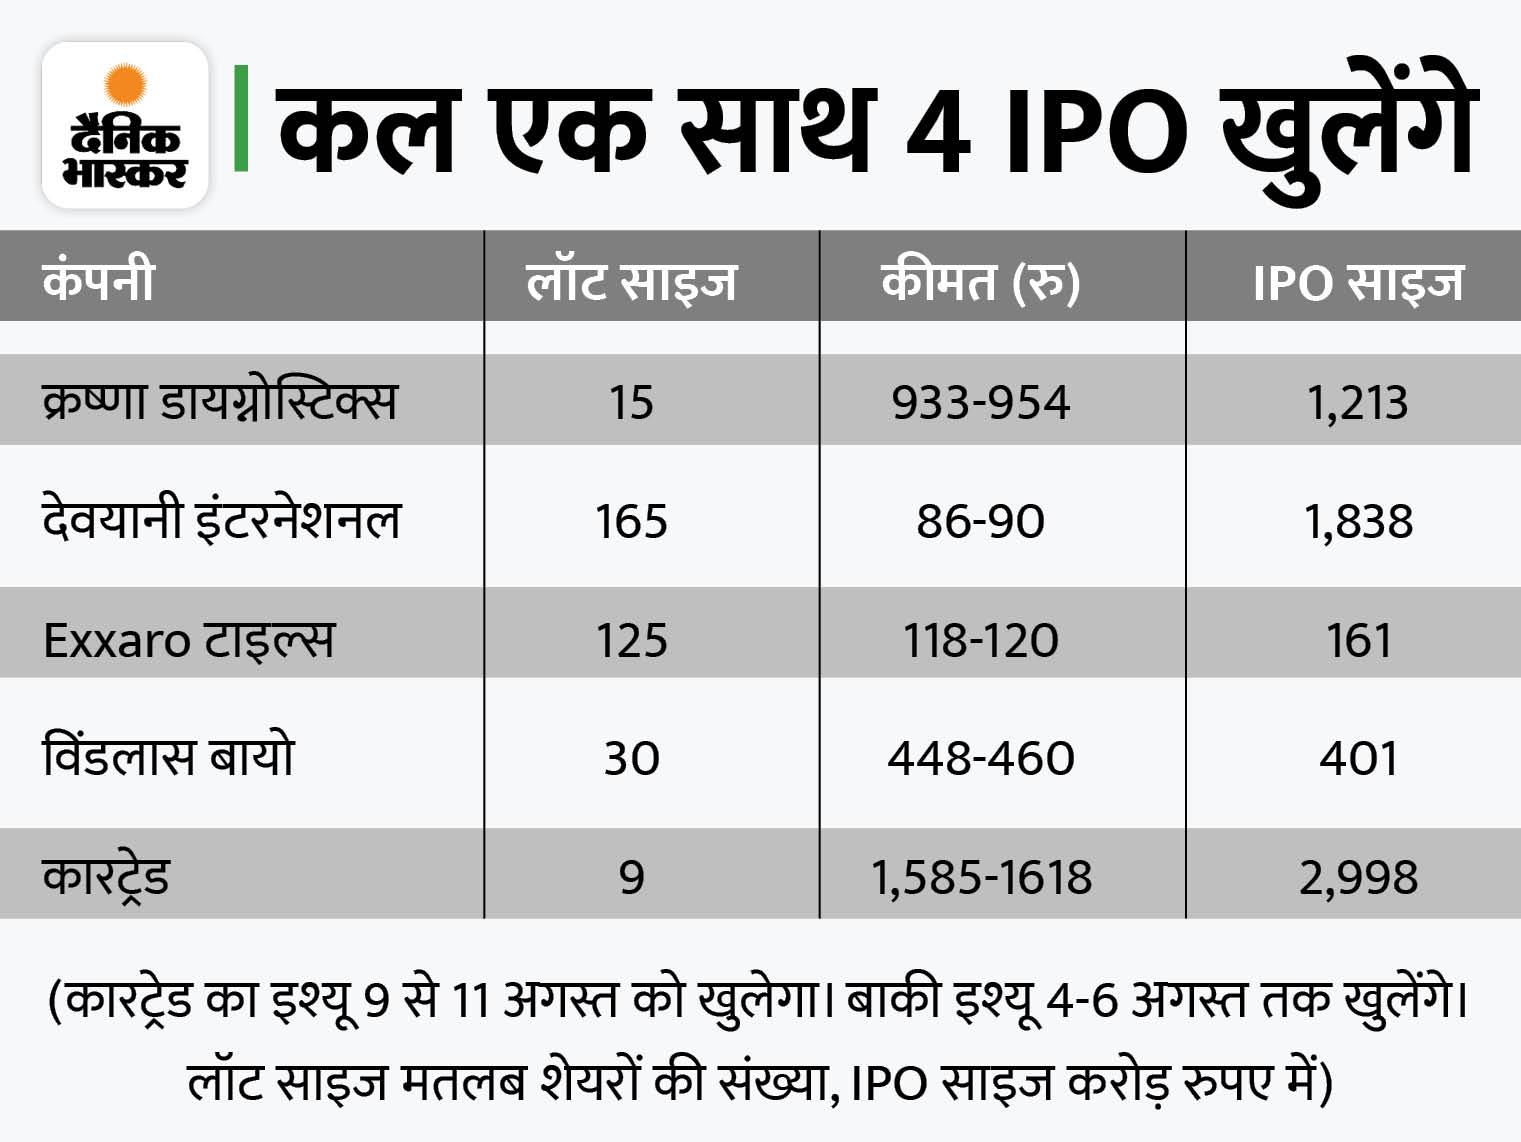 अगस्त में IPO से 28 हजार करोड़ जुटाएंगी कंपनियां, जुलाई में 14 हजार करोड़ जुटाई थीं|बिजनेस,Business - Dainik Bhaskar